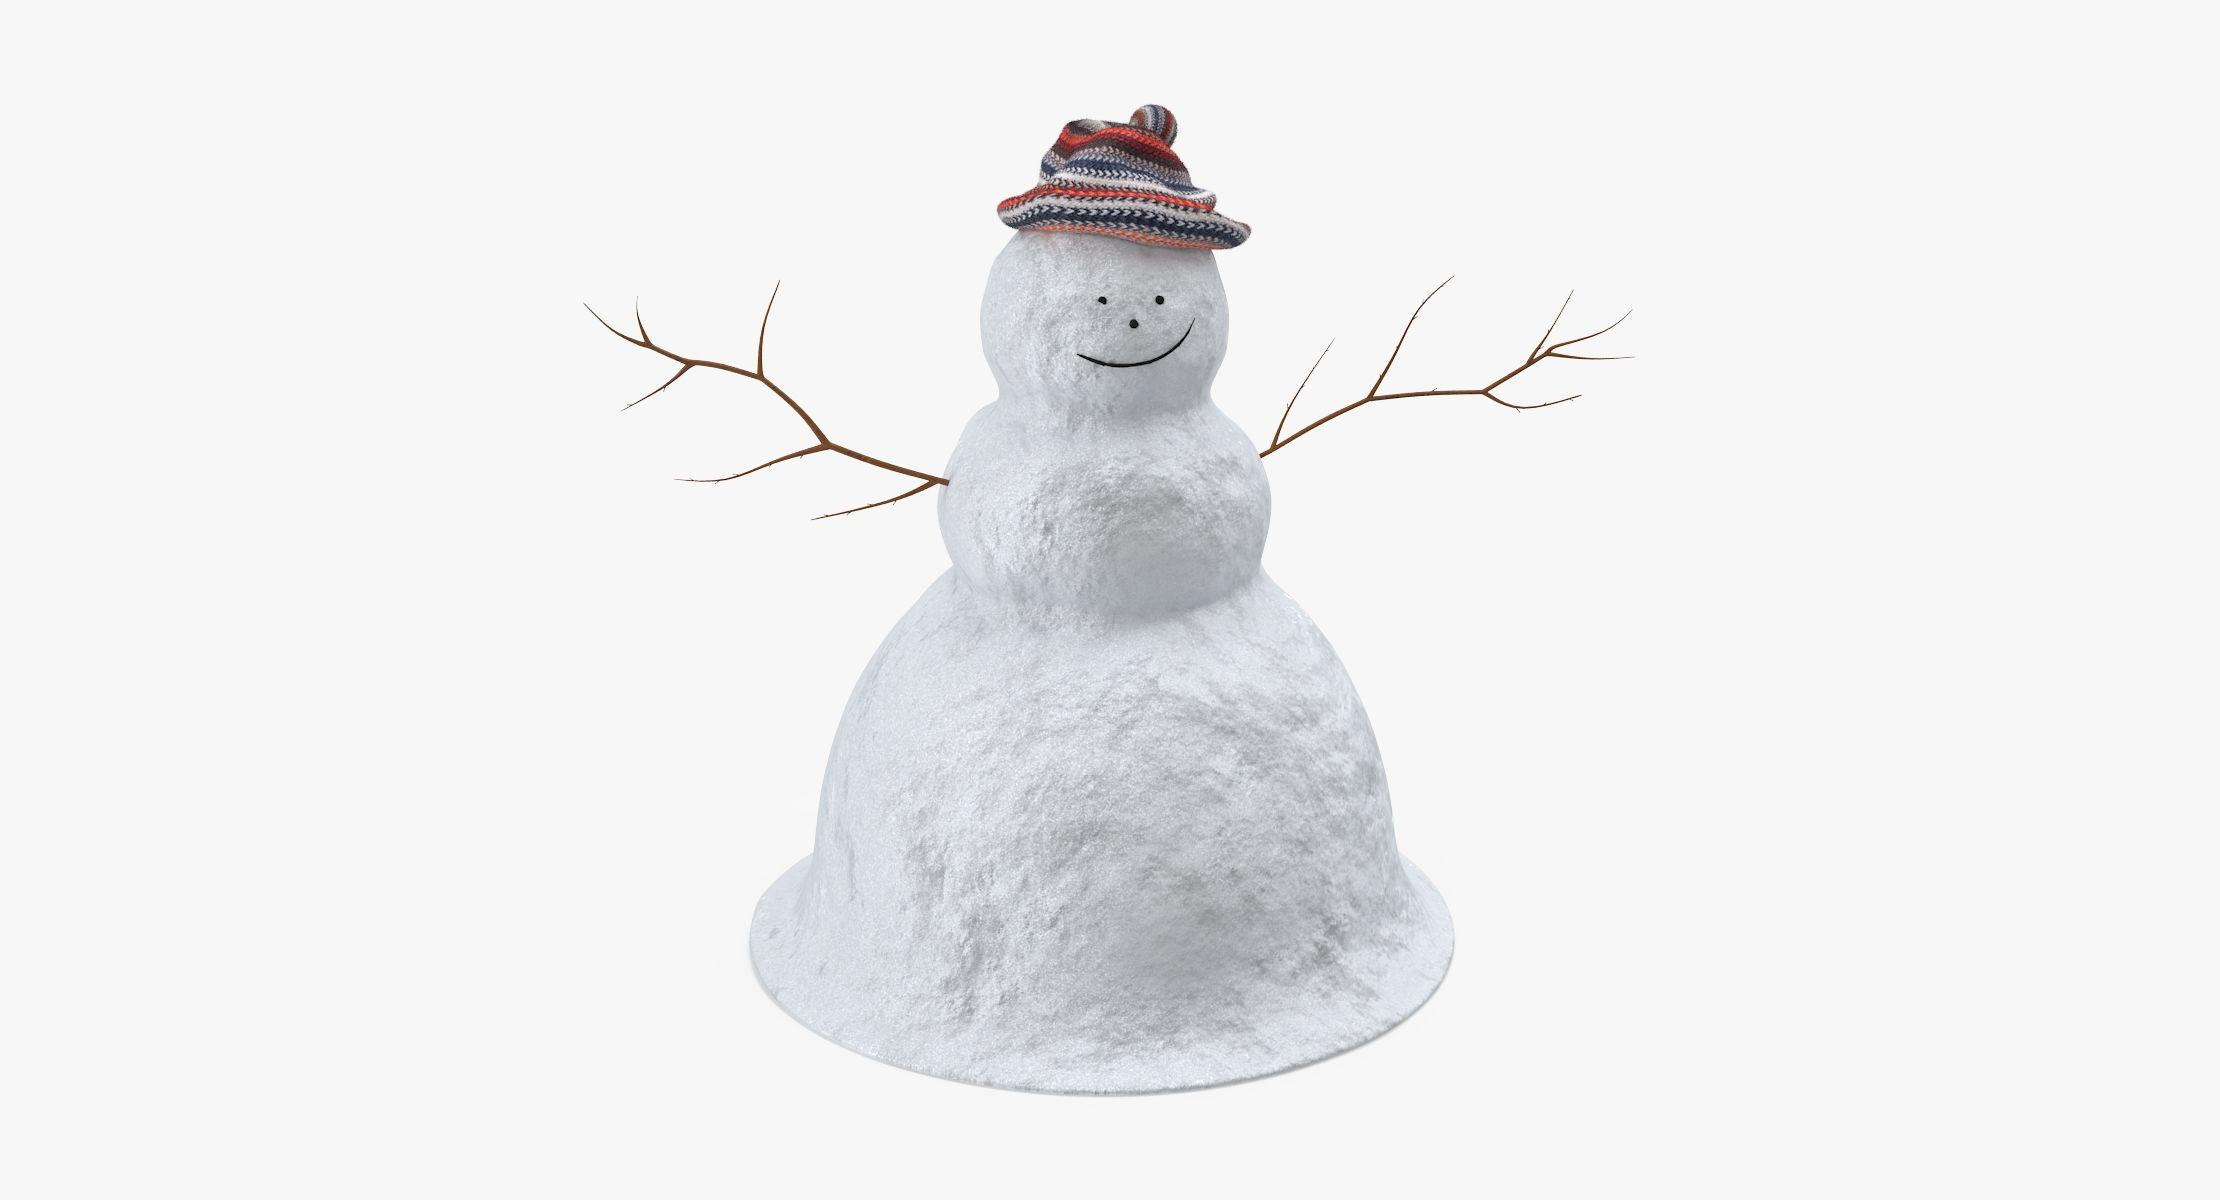 Snowman 02 - reel 1